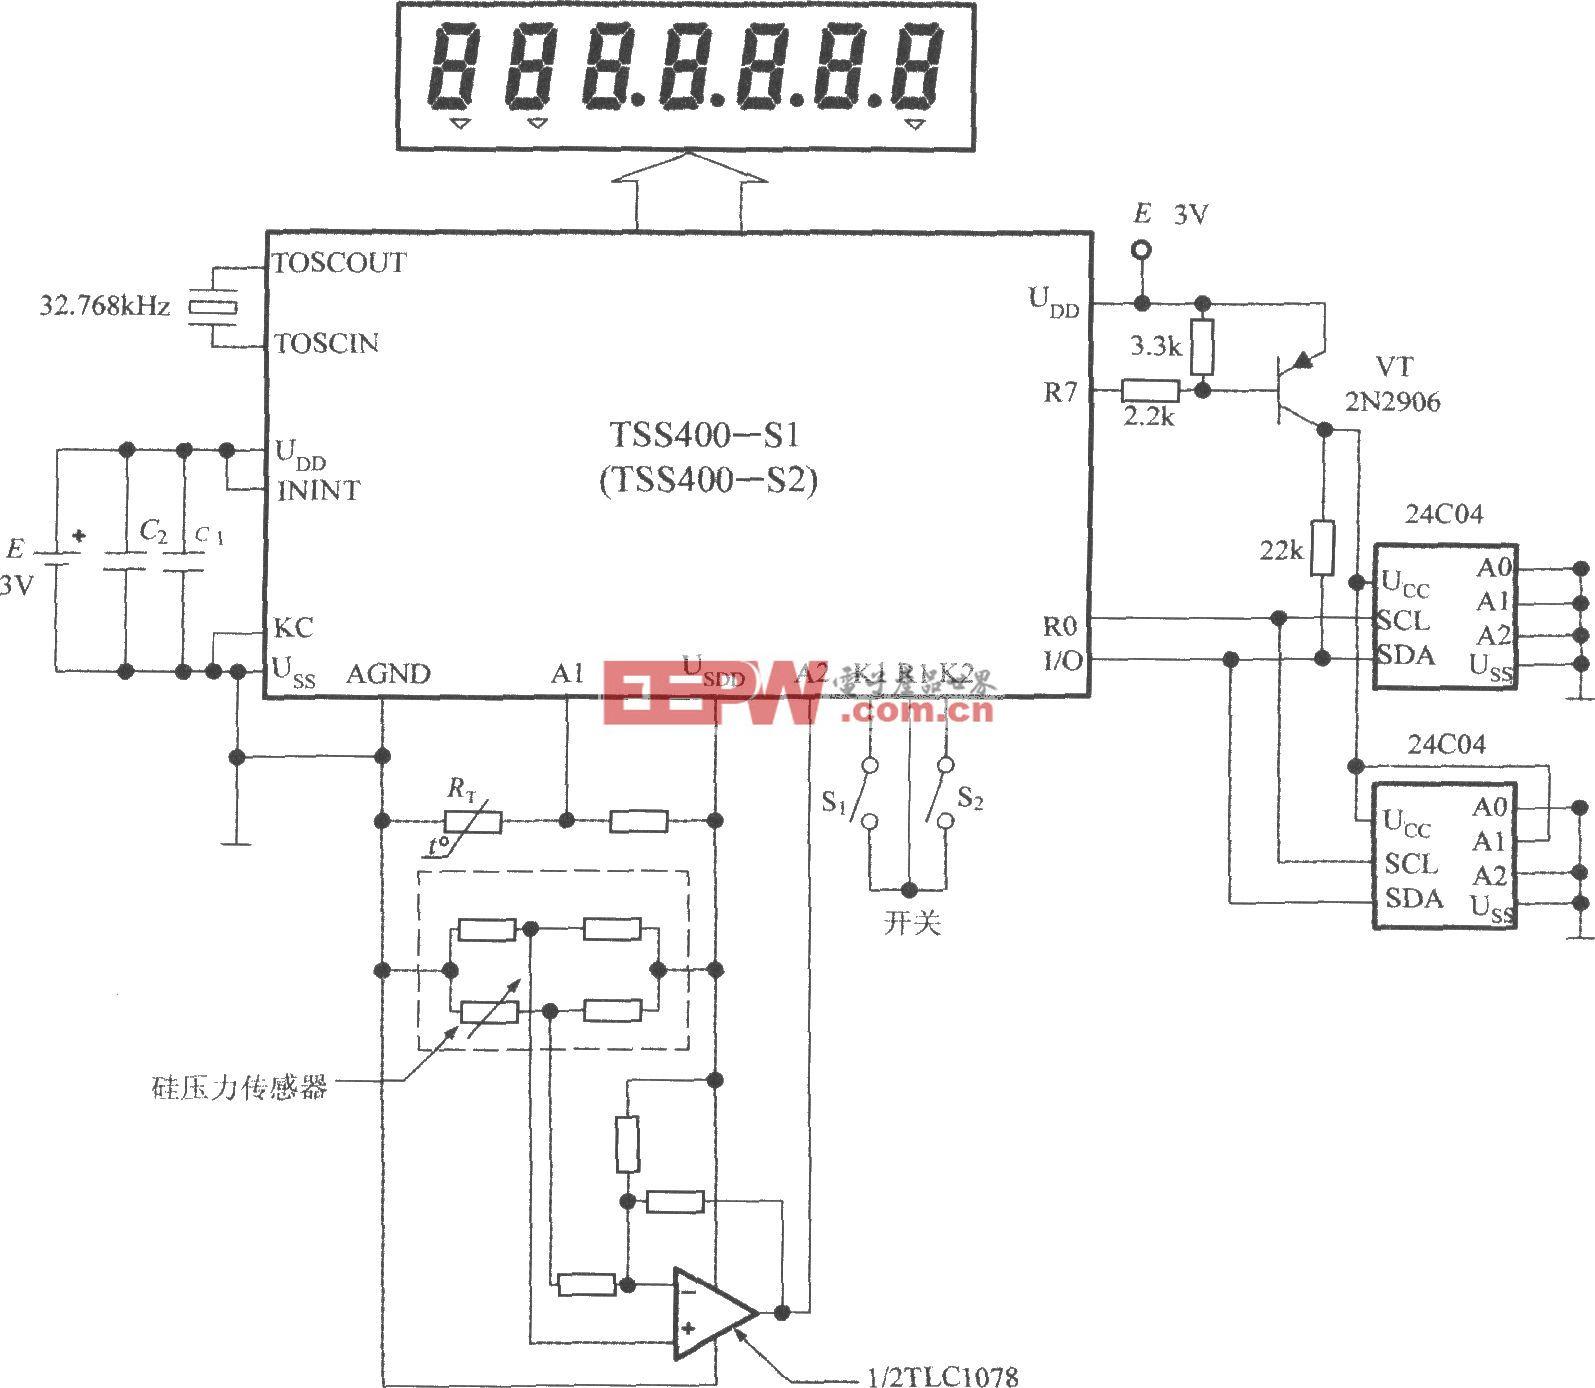 低功耗可编程传感器信号处理器TSS400-S1/S2的典型应用电路图